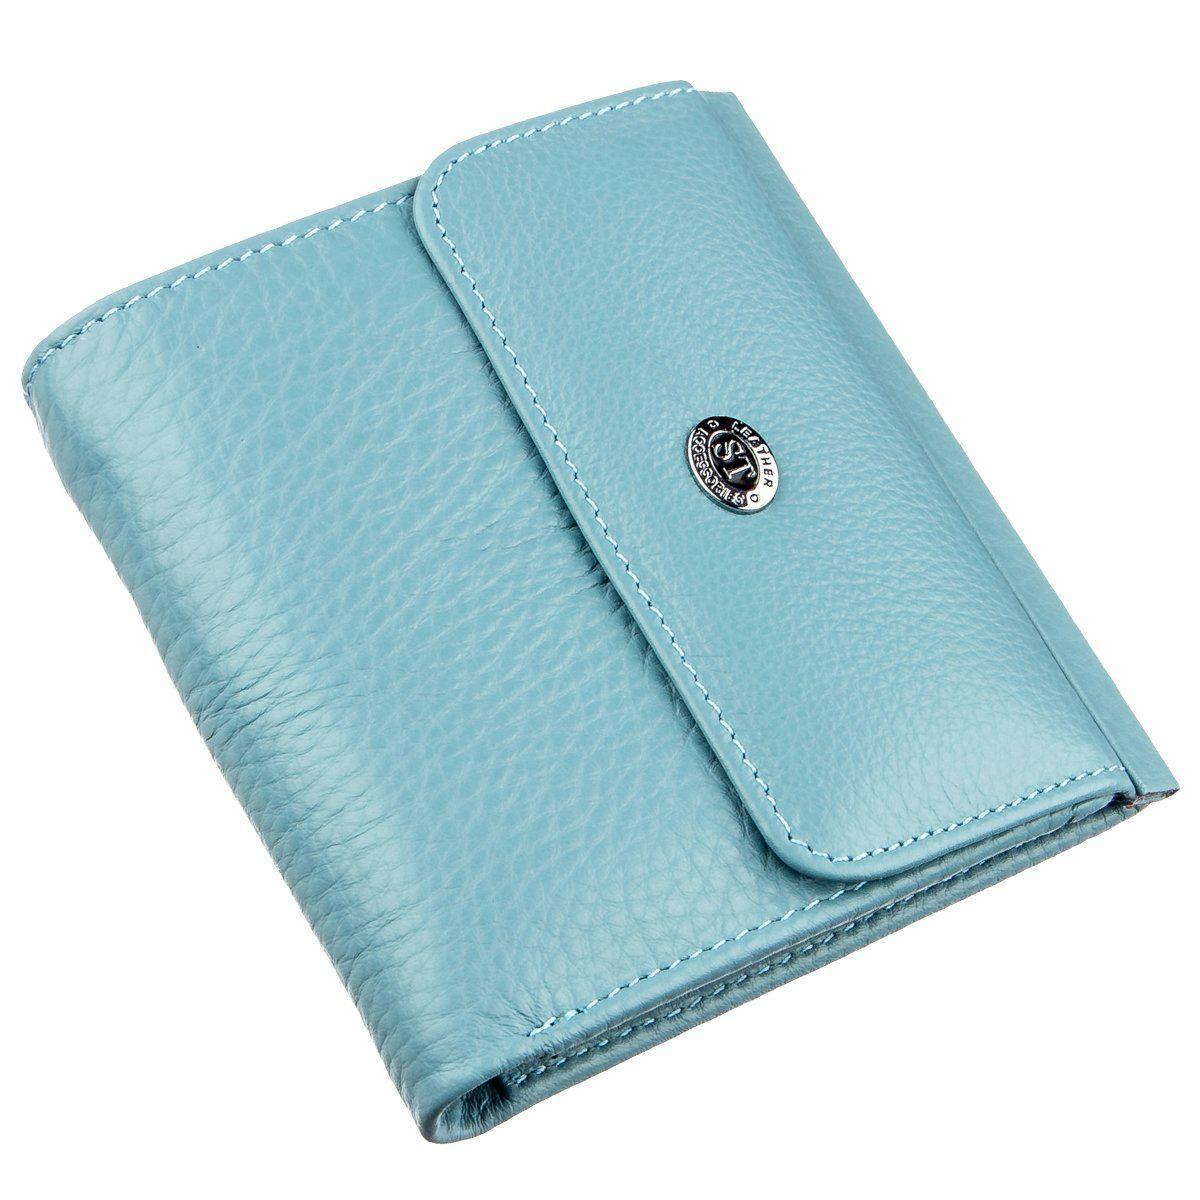 Небольшое женское портмоне ST Leather 18915 Голубой